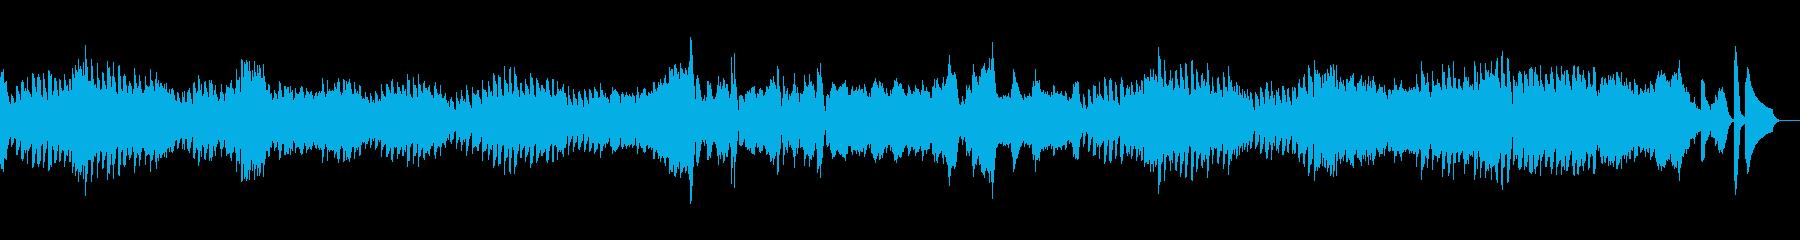 エチュード 作品10-4オルゴールverの再生済みの波形